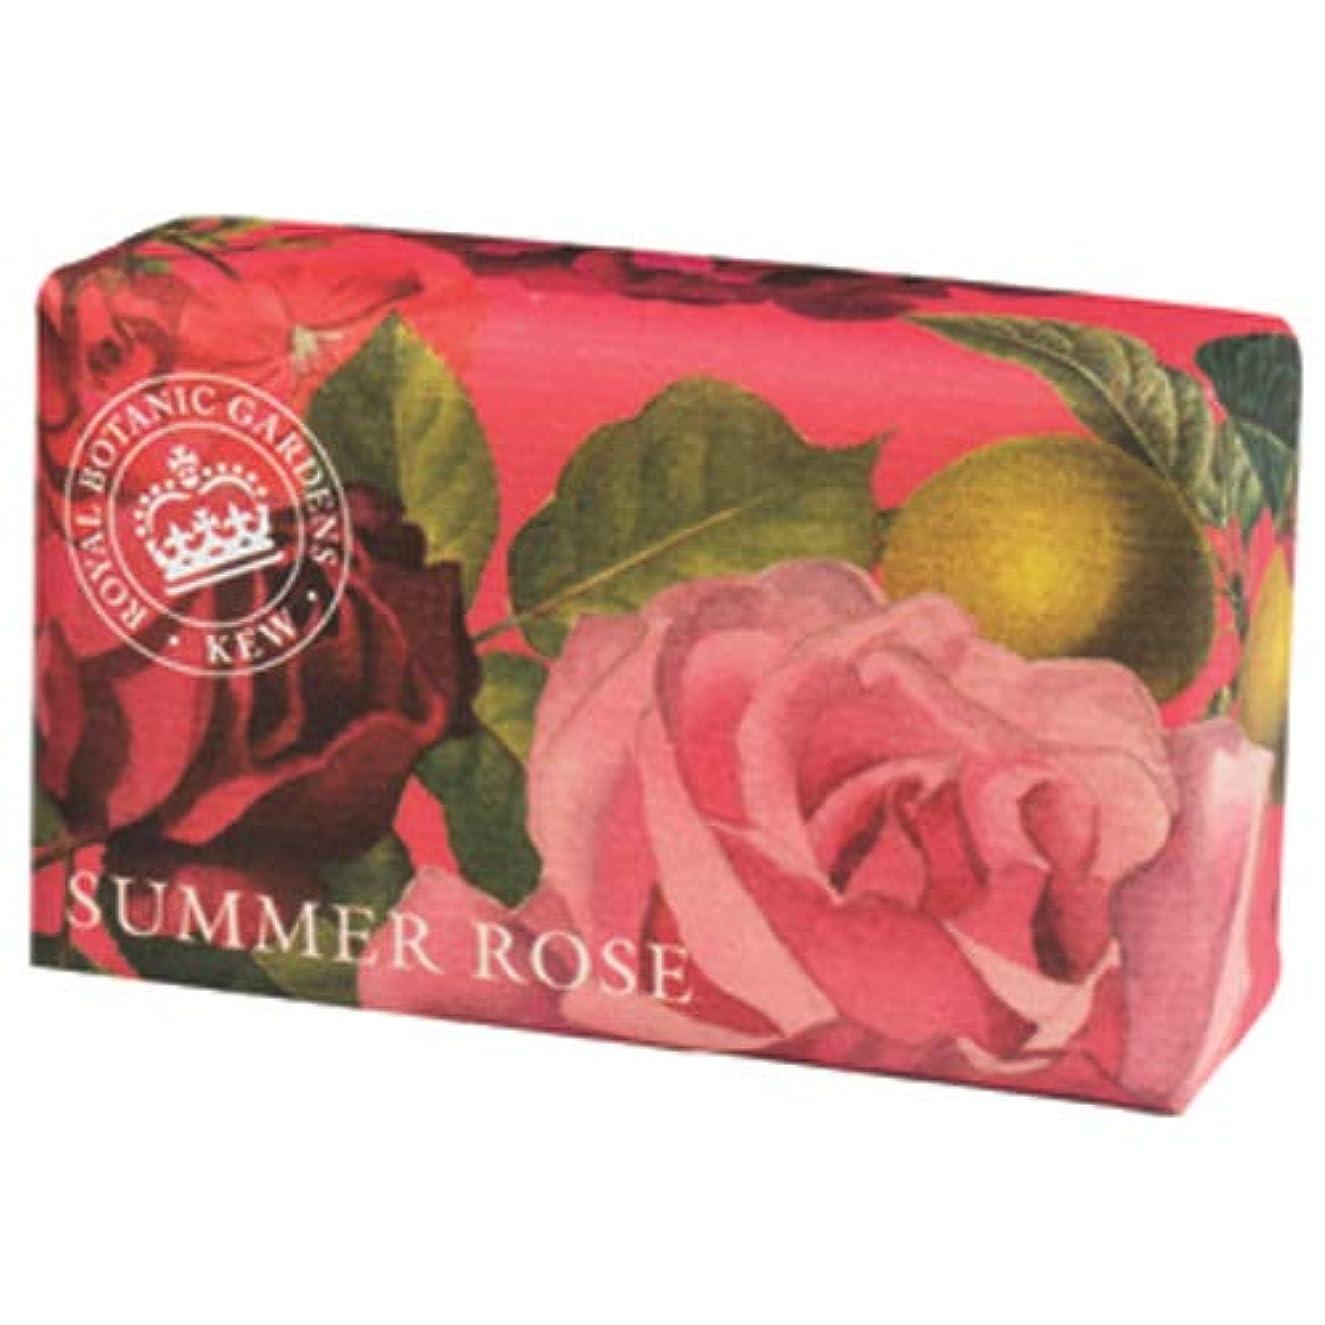 English Soap Company イングリッシュソープカンパニー KEW GARDEN キュー?ガーデン Luxury Shea Soaps シアソープ Summer Rose サマーローズ